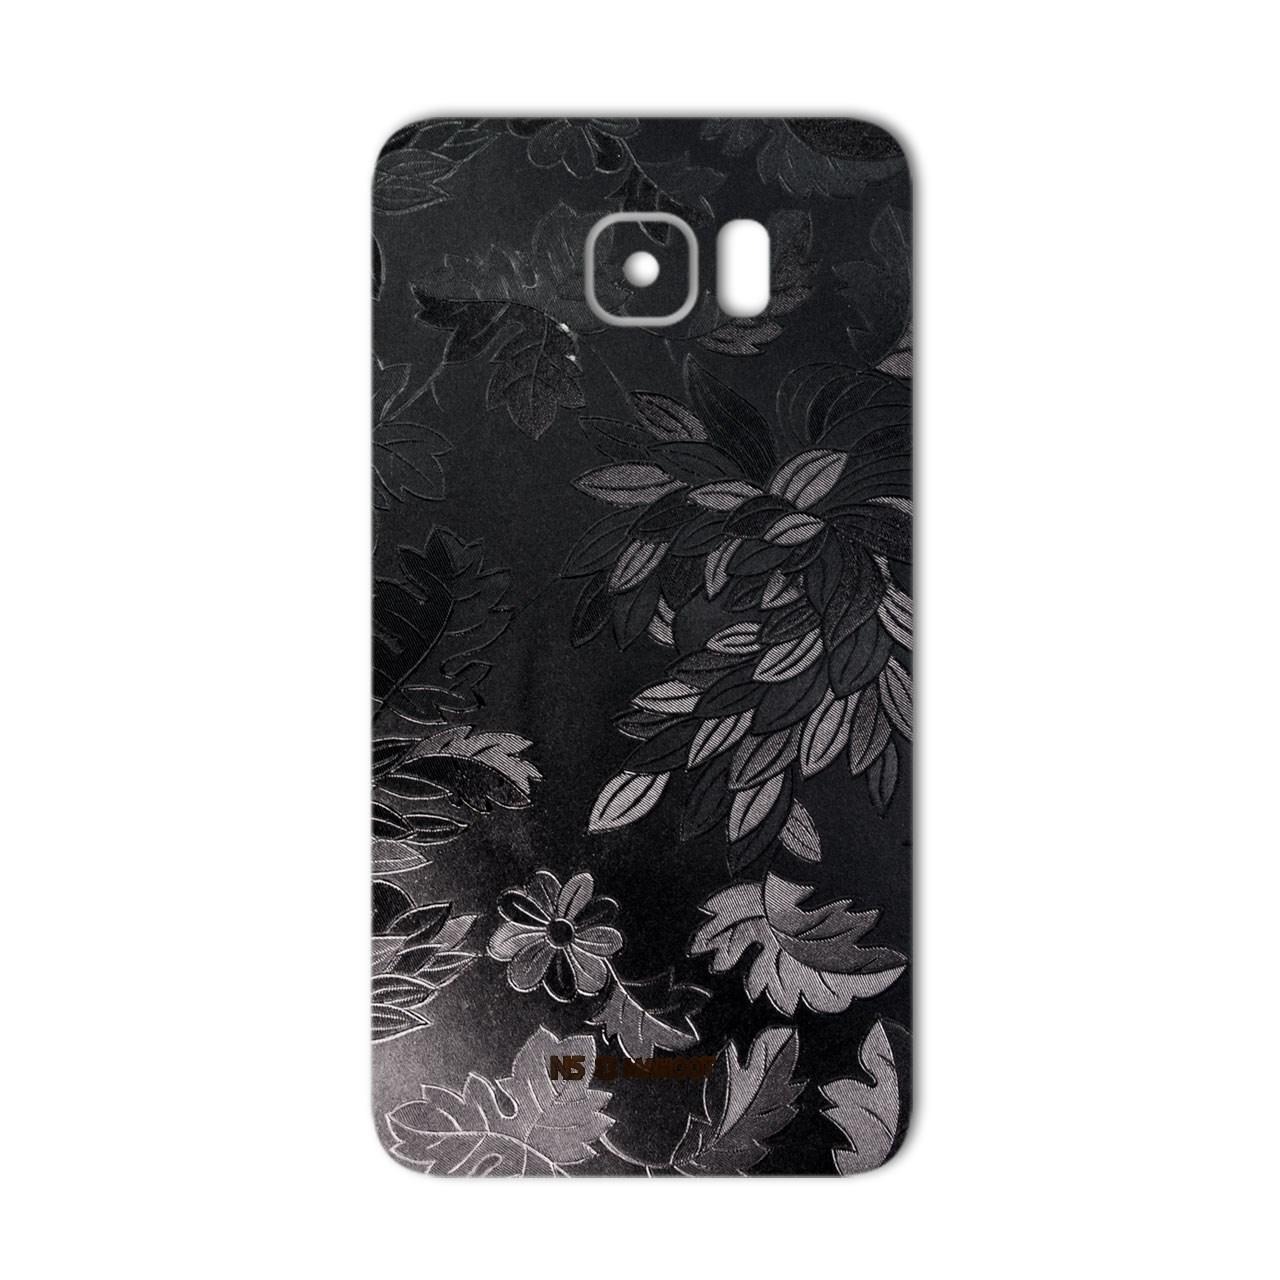 برچسب تزئینی ماهوت مدل Wild-flower Texture مناسب برای گوشی  Samsung Note 5